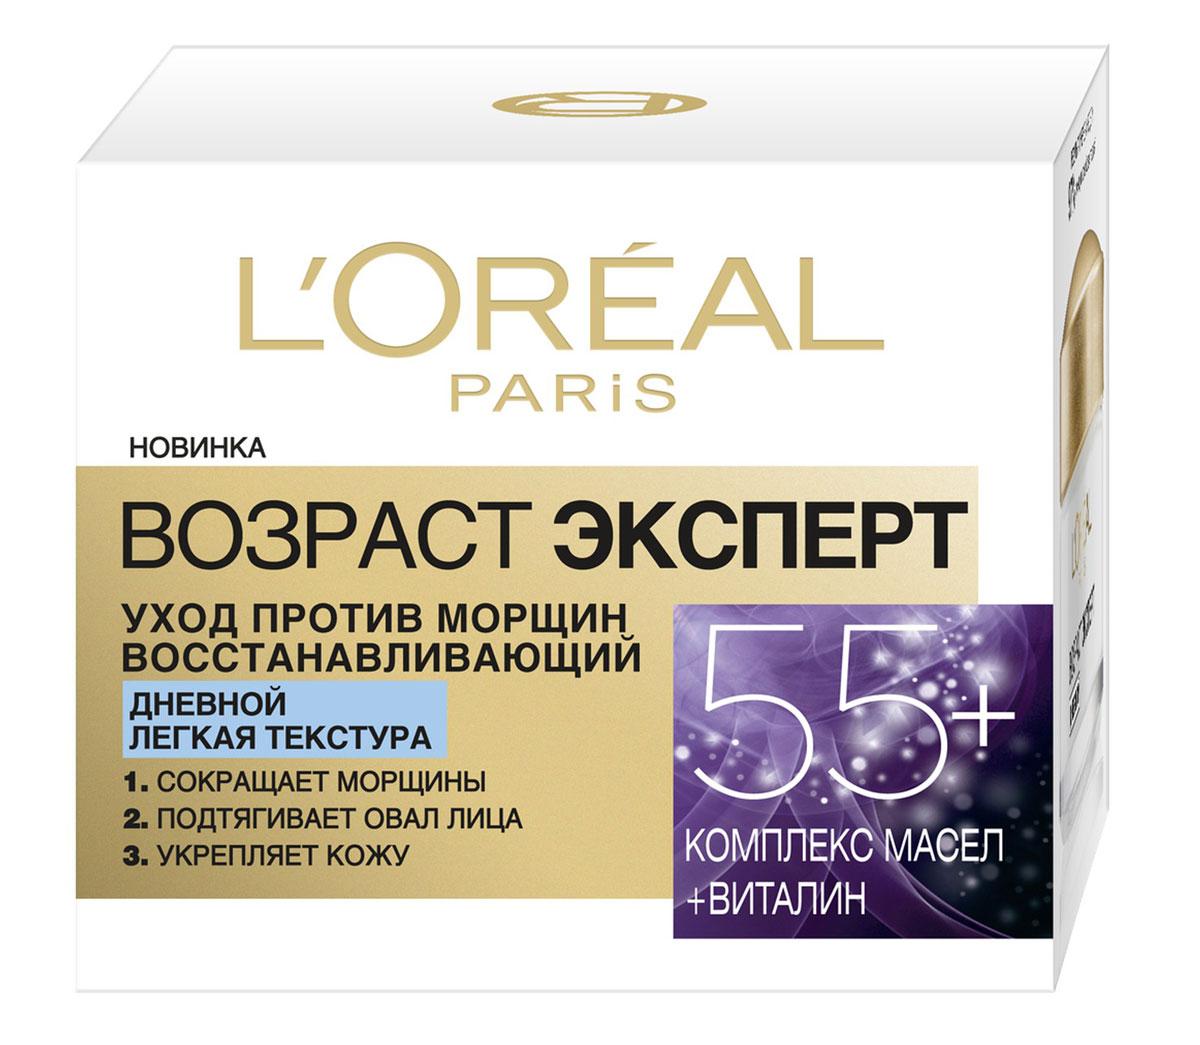 LOreal Paris Дневной антивозрастной крем Возраст эксперт 55+ против морщин для лица, легкая текстура, восстанавливающий, 50 млA9277800Тройное действие : 1. Сокращает морщины 2. Подтягивает овал лица 3. Укрепляет кожу. Легкая текстура быстро впитывается в кожу и придает ощущение легкости. Комплекс масел интенсивно увлажняет кожу и защищает от сухости. Растительный экстракт цветка опунции - Виталин, известный своими восстанавливающими свойствами, поддерживает естественные процессы обновления клеток кожи.